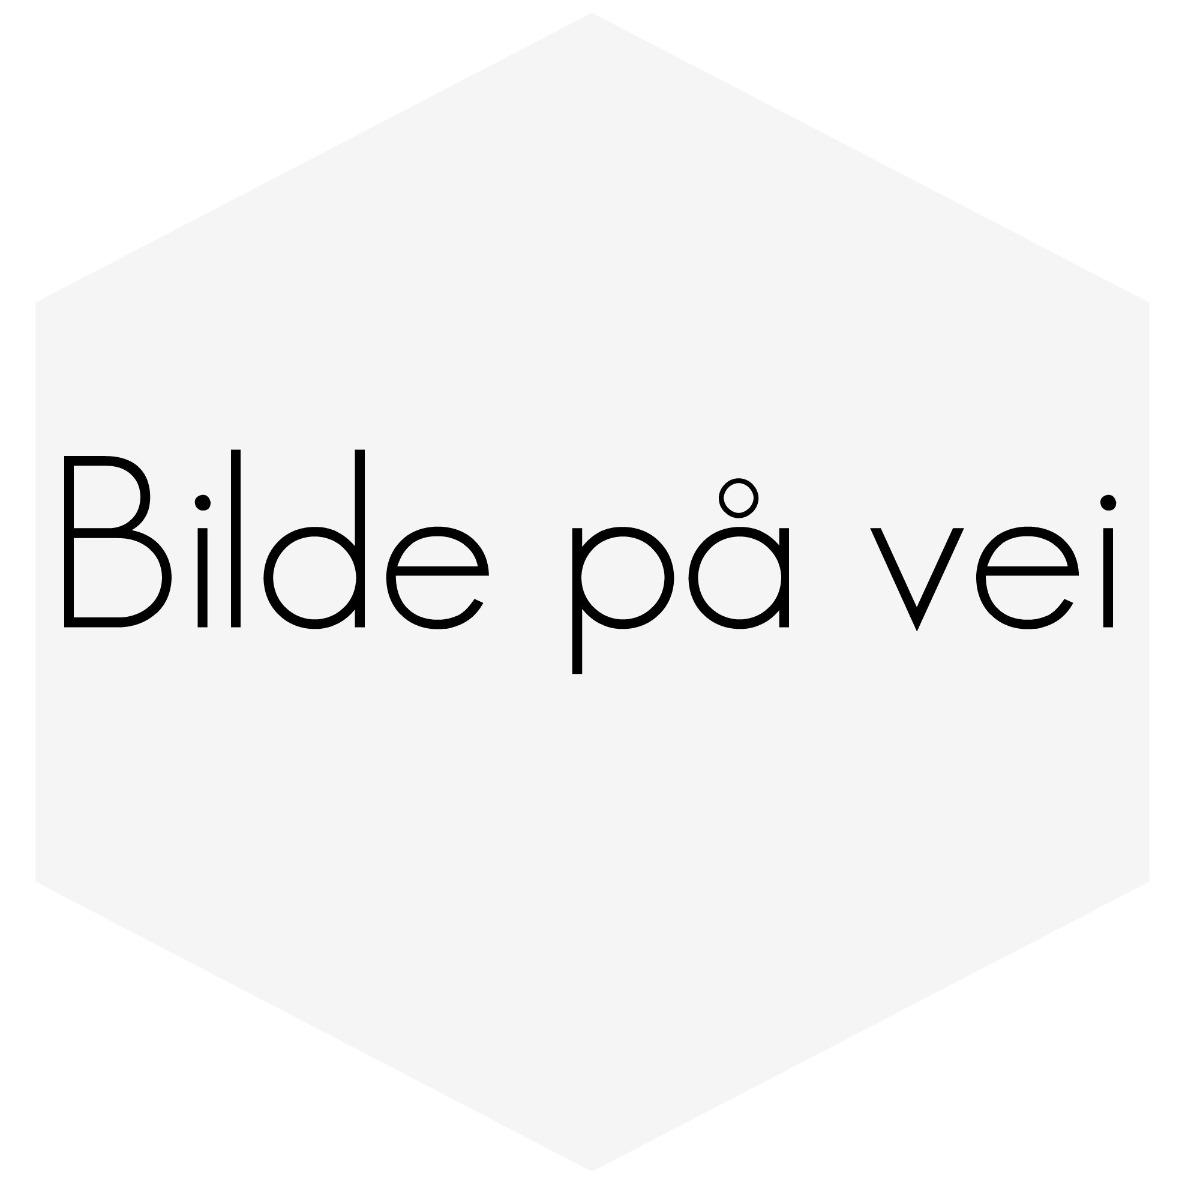 VINDAVISERE PÅ FORDØRER 240 (240,244,245)